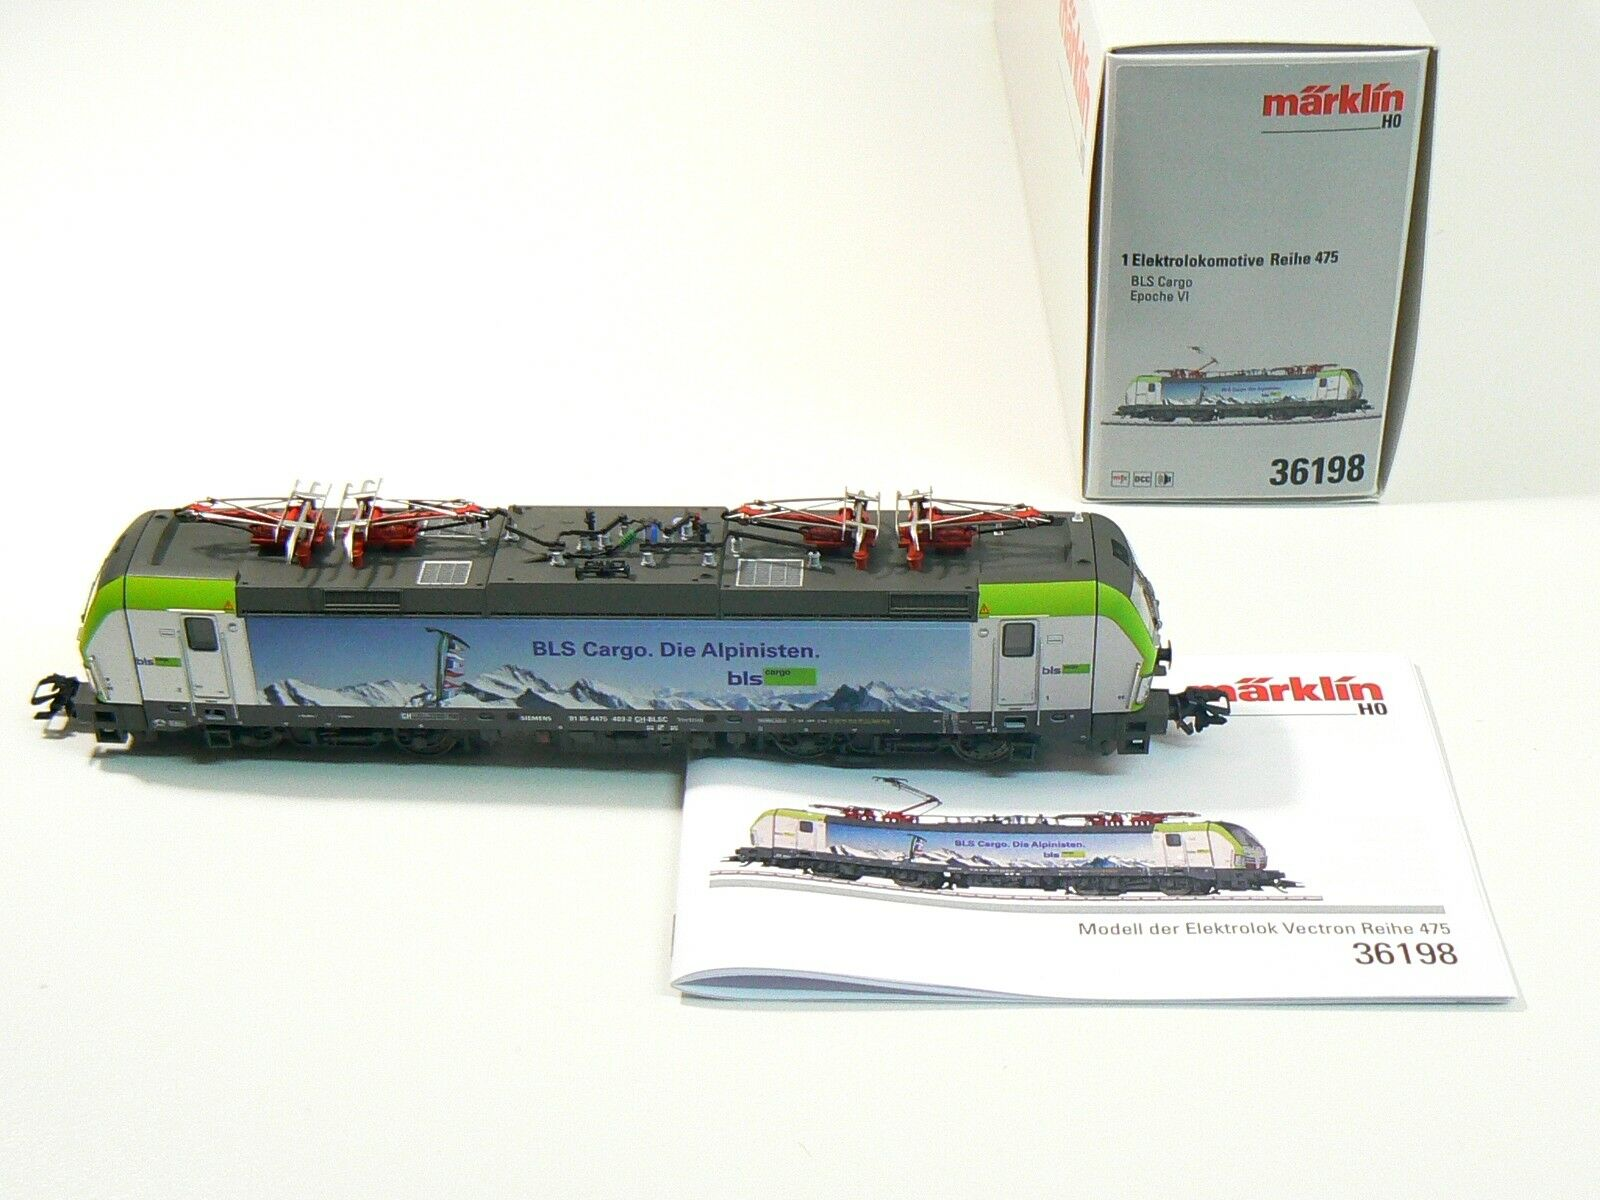 h0 36198, E-Lok serie 475, BLS  la ALPINISTEN  MFX, audio, NUOVO